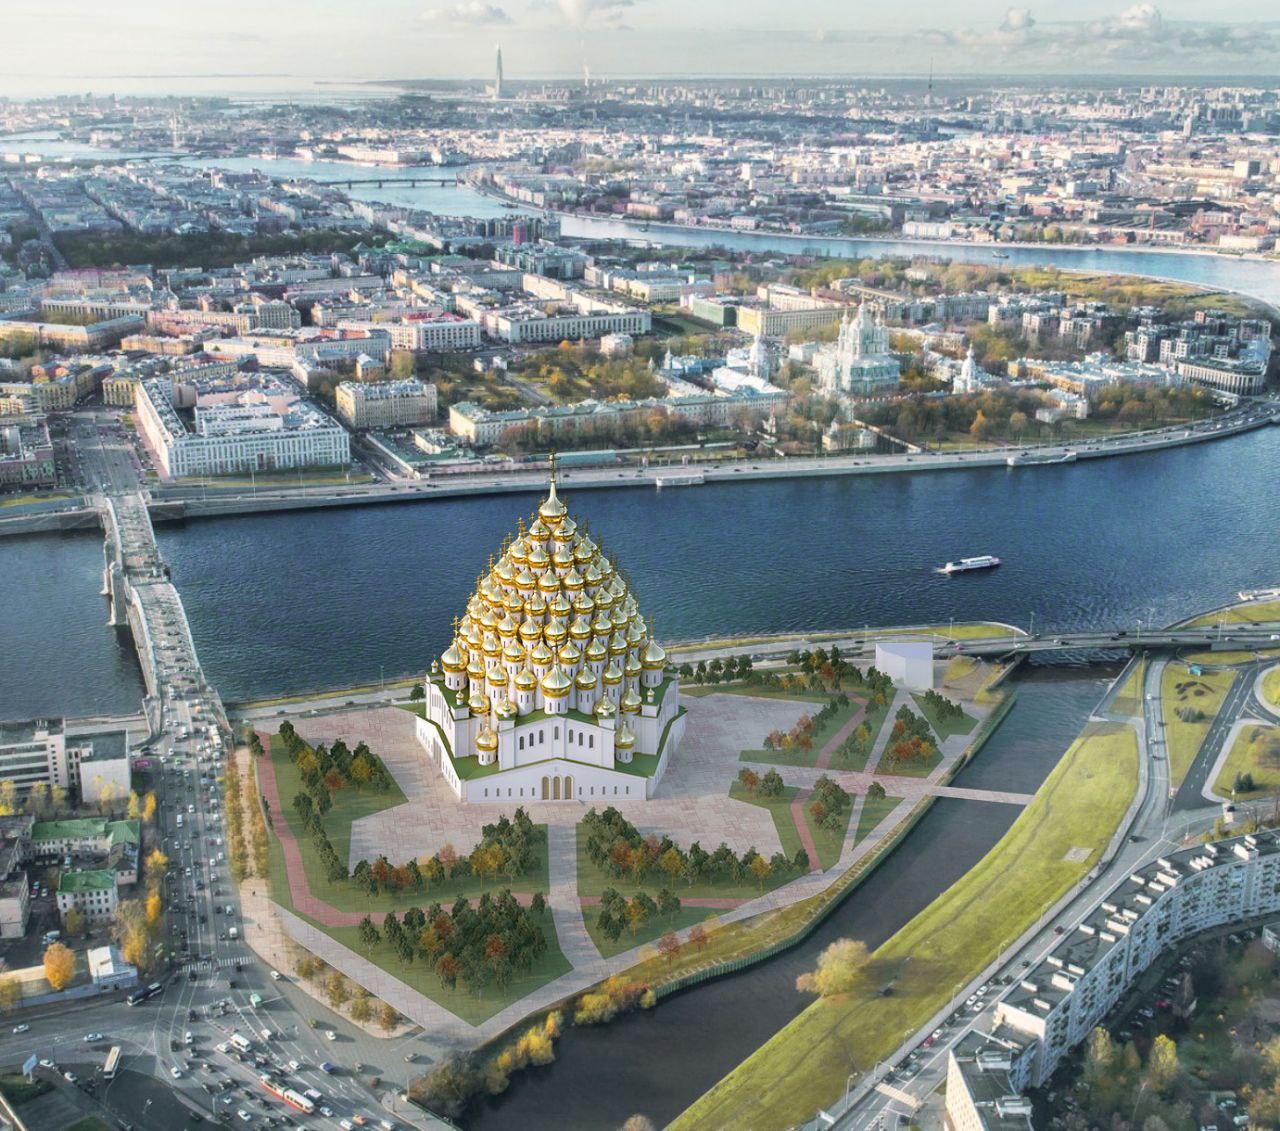 Архитекторы предлагают усугубить сакральность Охтинского мыса храмом с 320 куполами